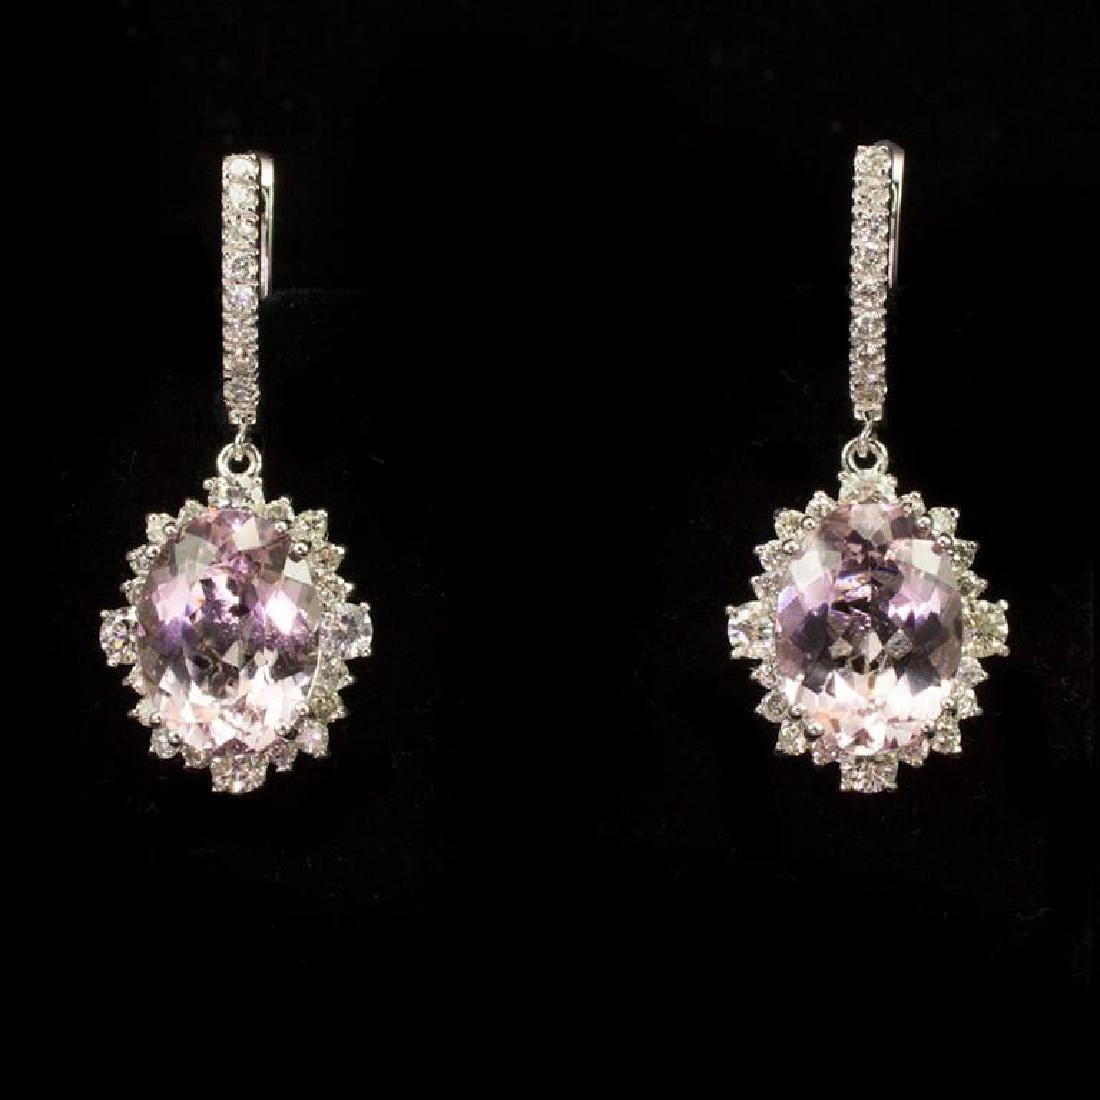 14K Gold 8.95ct Morganite 2.65ct Diamond Earrings